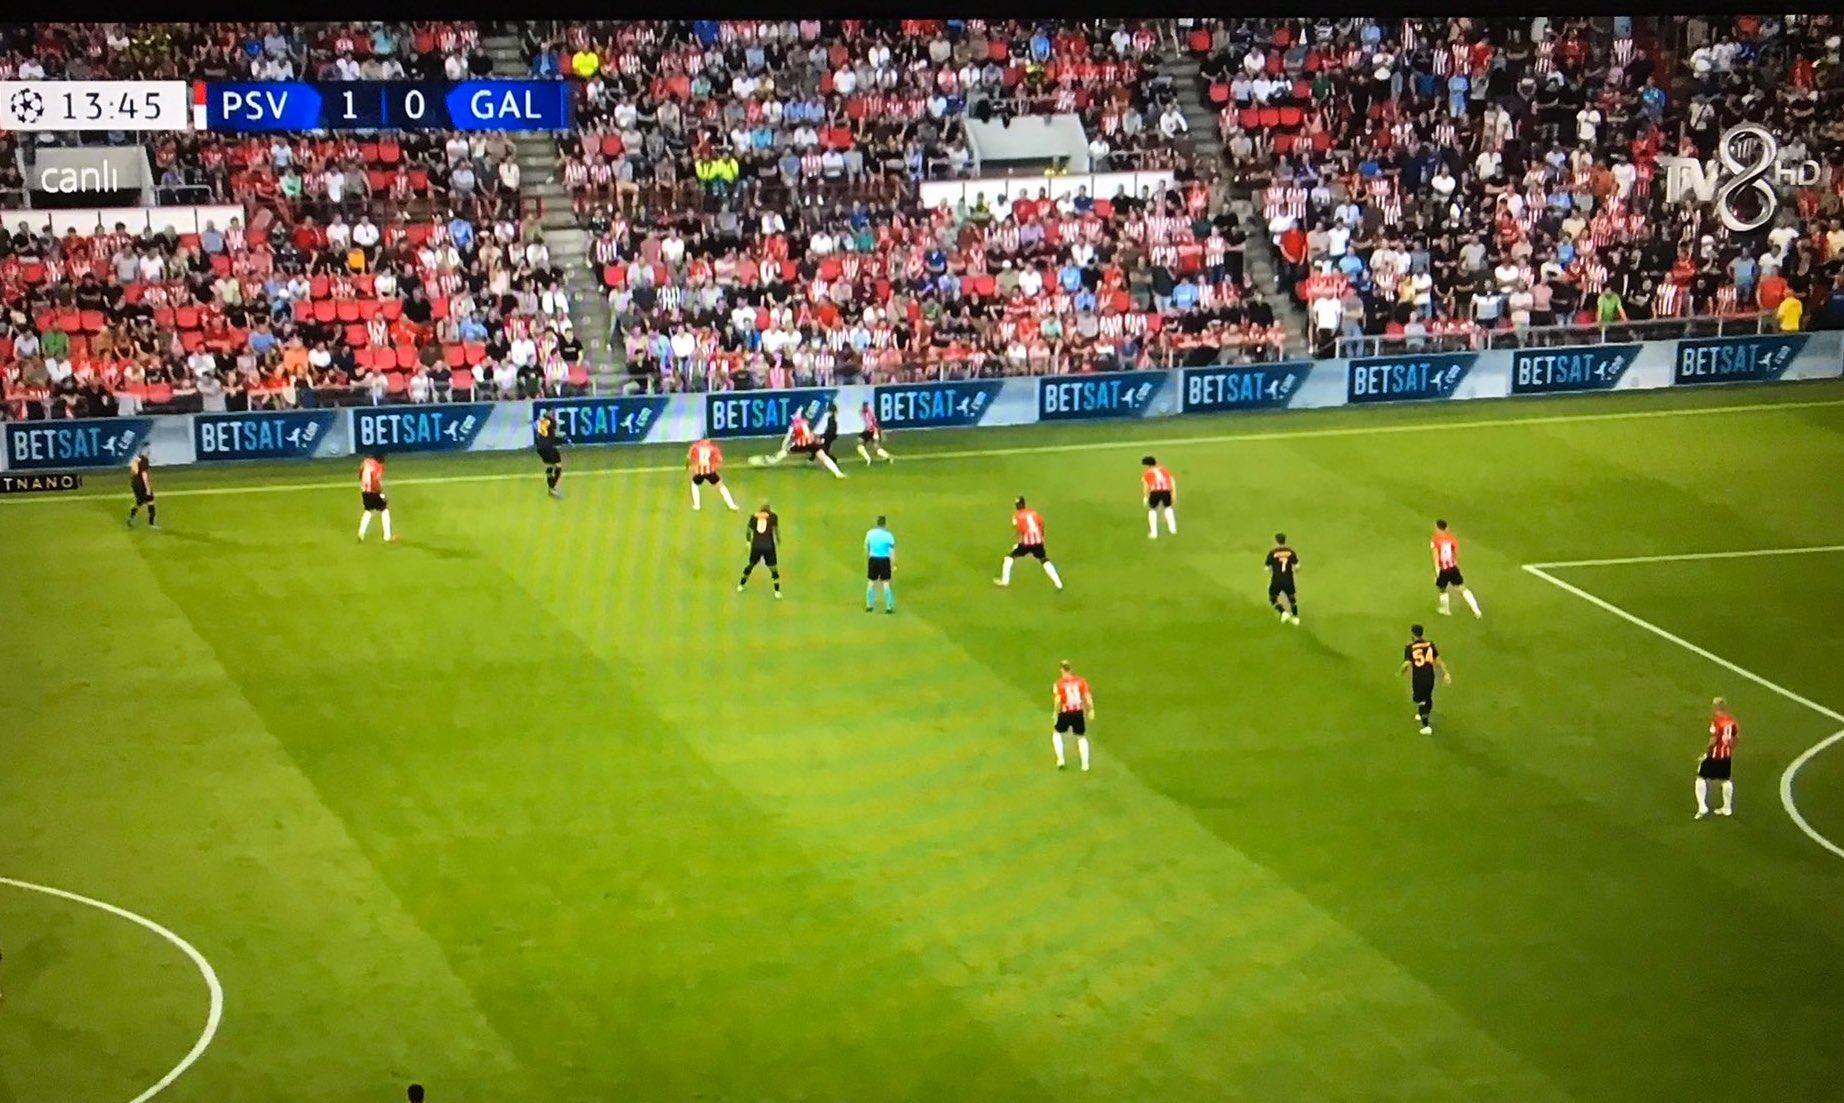 TV8'de ekranlara gelen maçın ilk 30 dakika donması, kesintiler yaşanması ise futbolseverlerin tepkisine yol açtı. Maçın sık sık donması da sosyal medyada konuşulan olaylardan oldu.